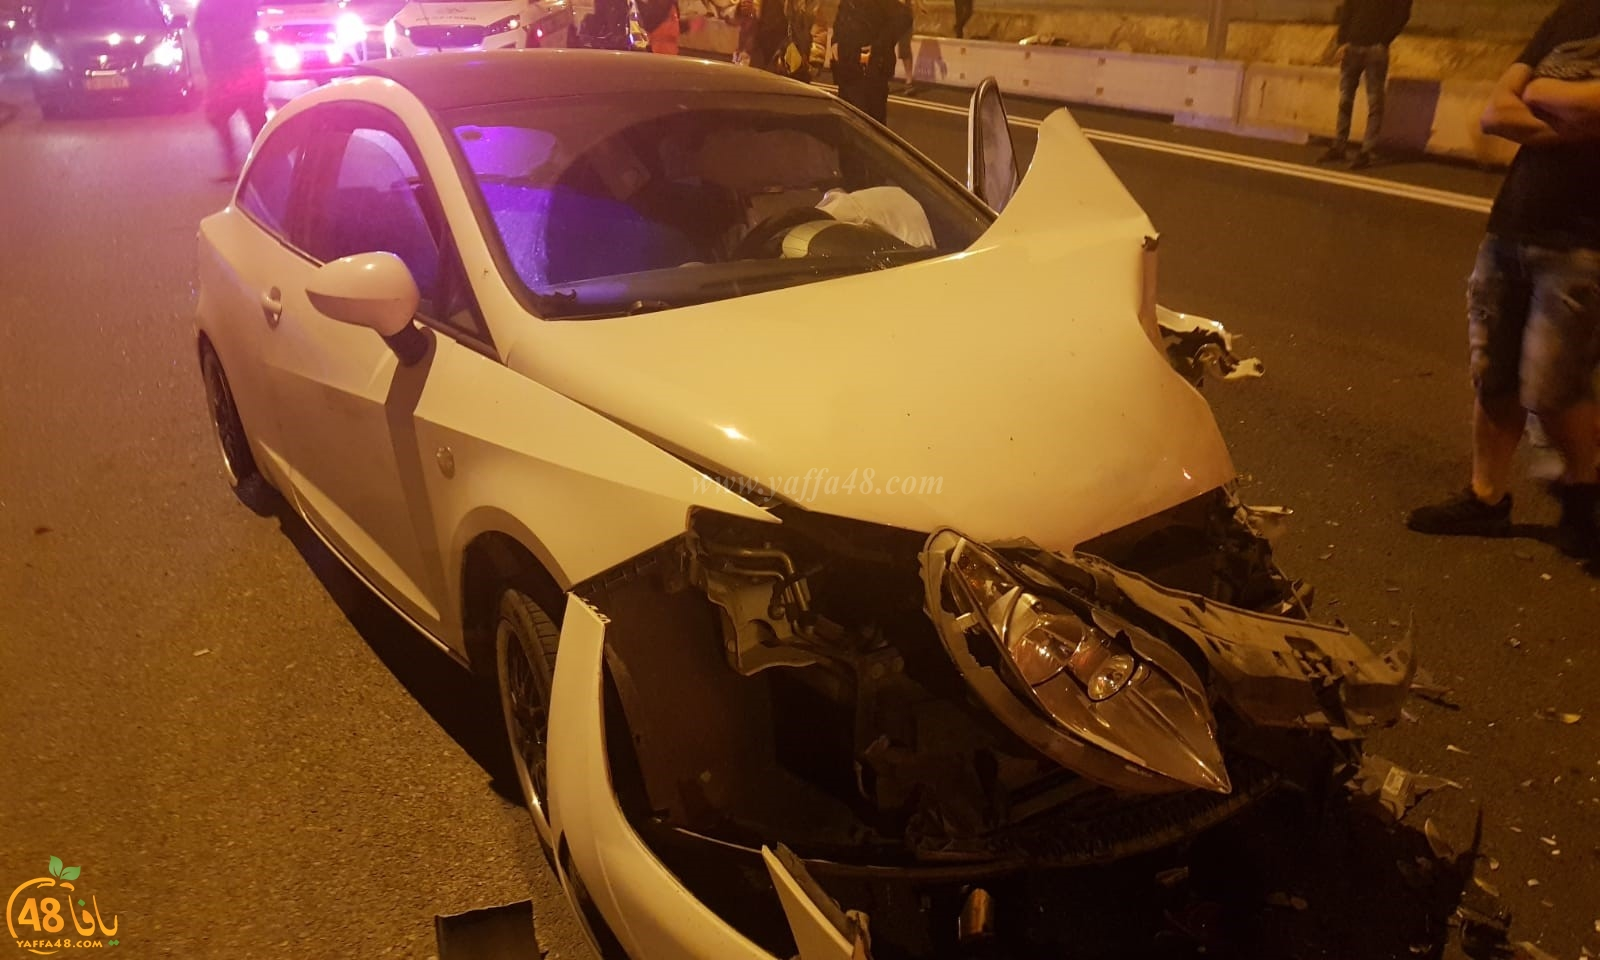 اصابة طفيفة لشخصين بحادث طرق قرب مدينة الرملة